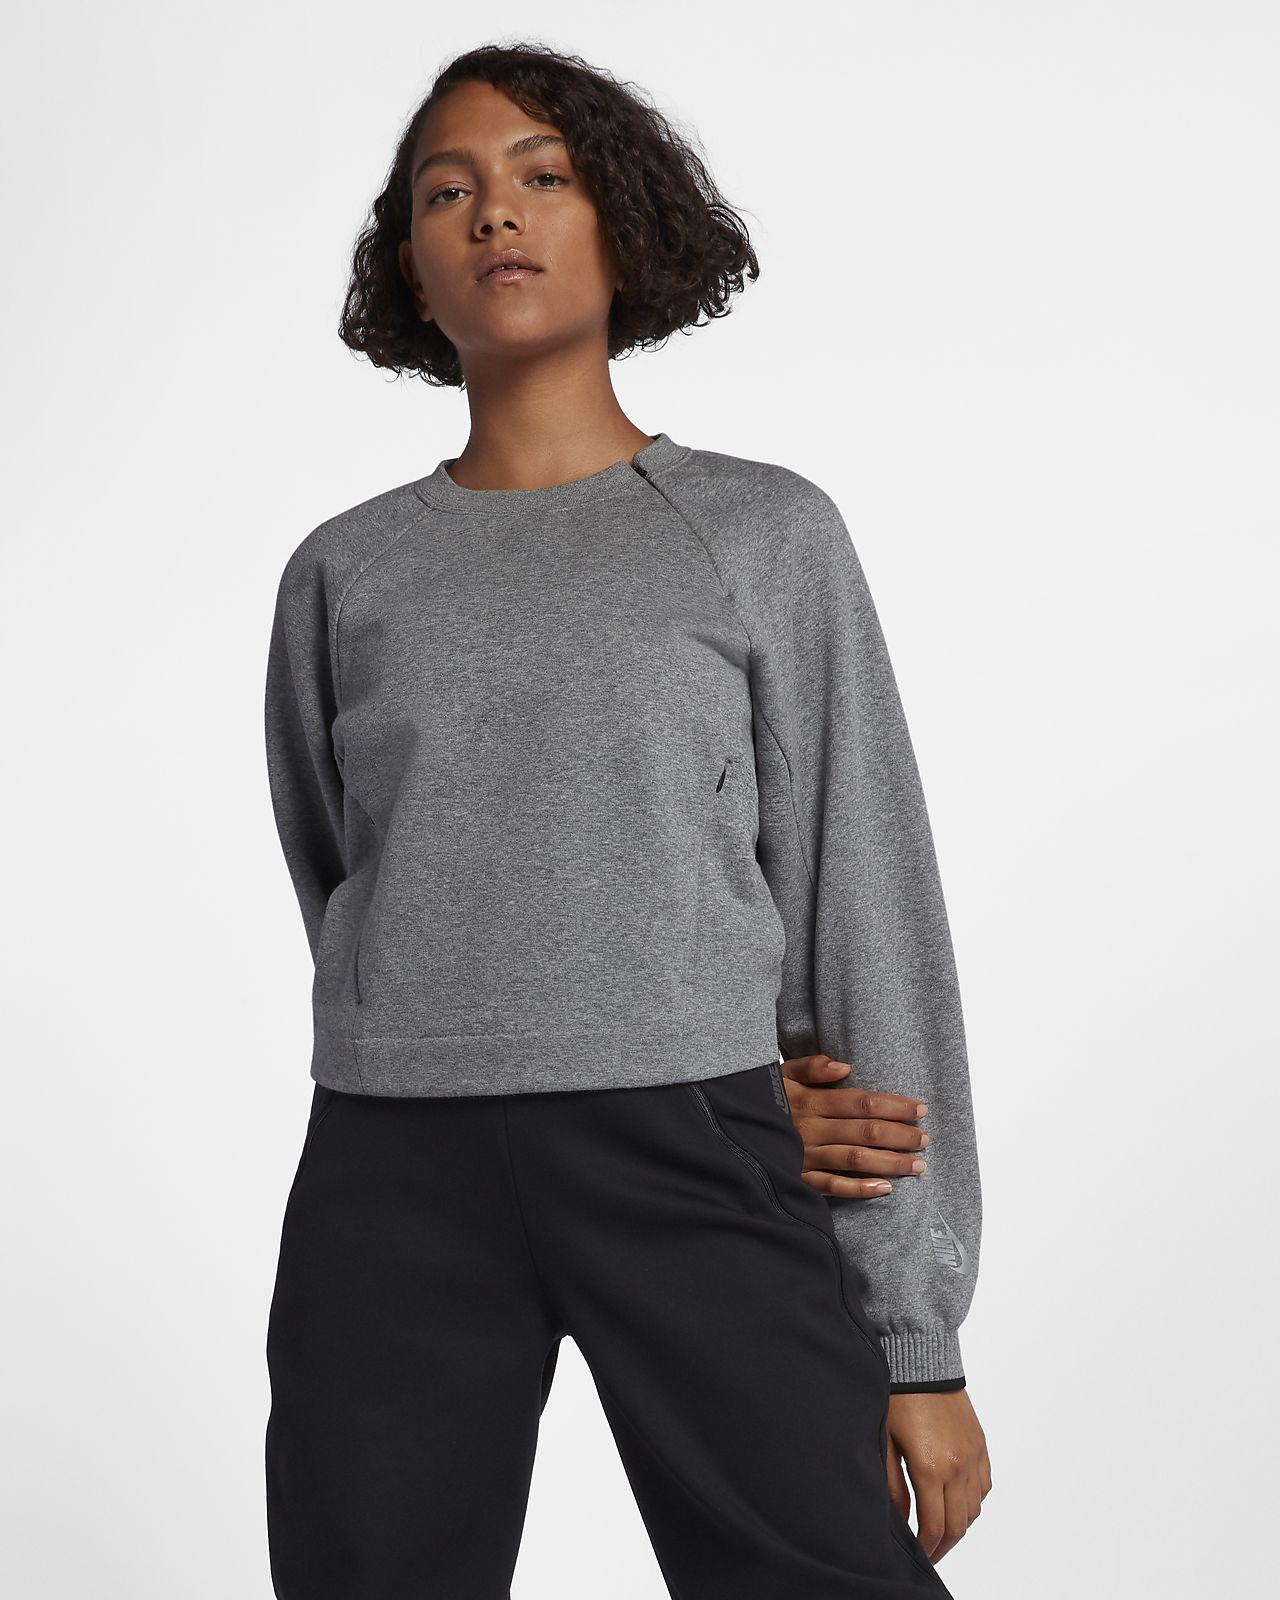 NikeLab XX Women's Fleece Crew